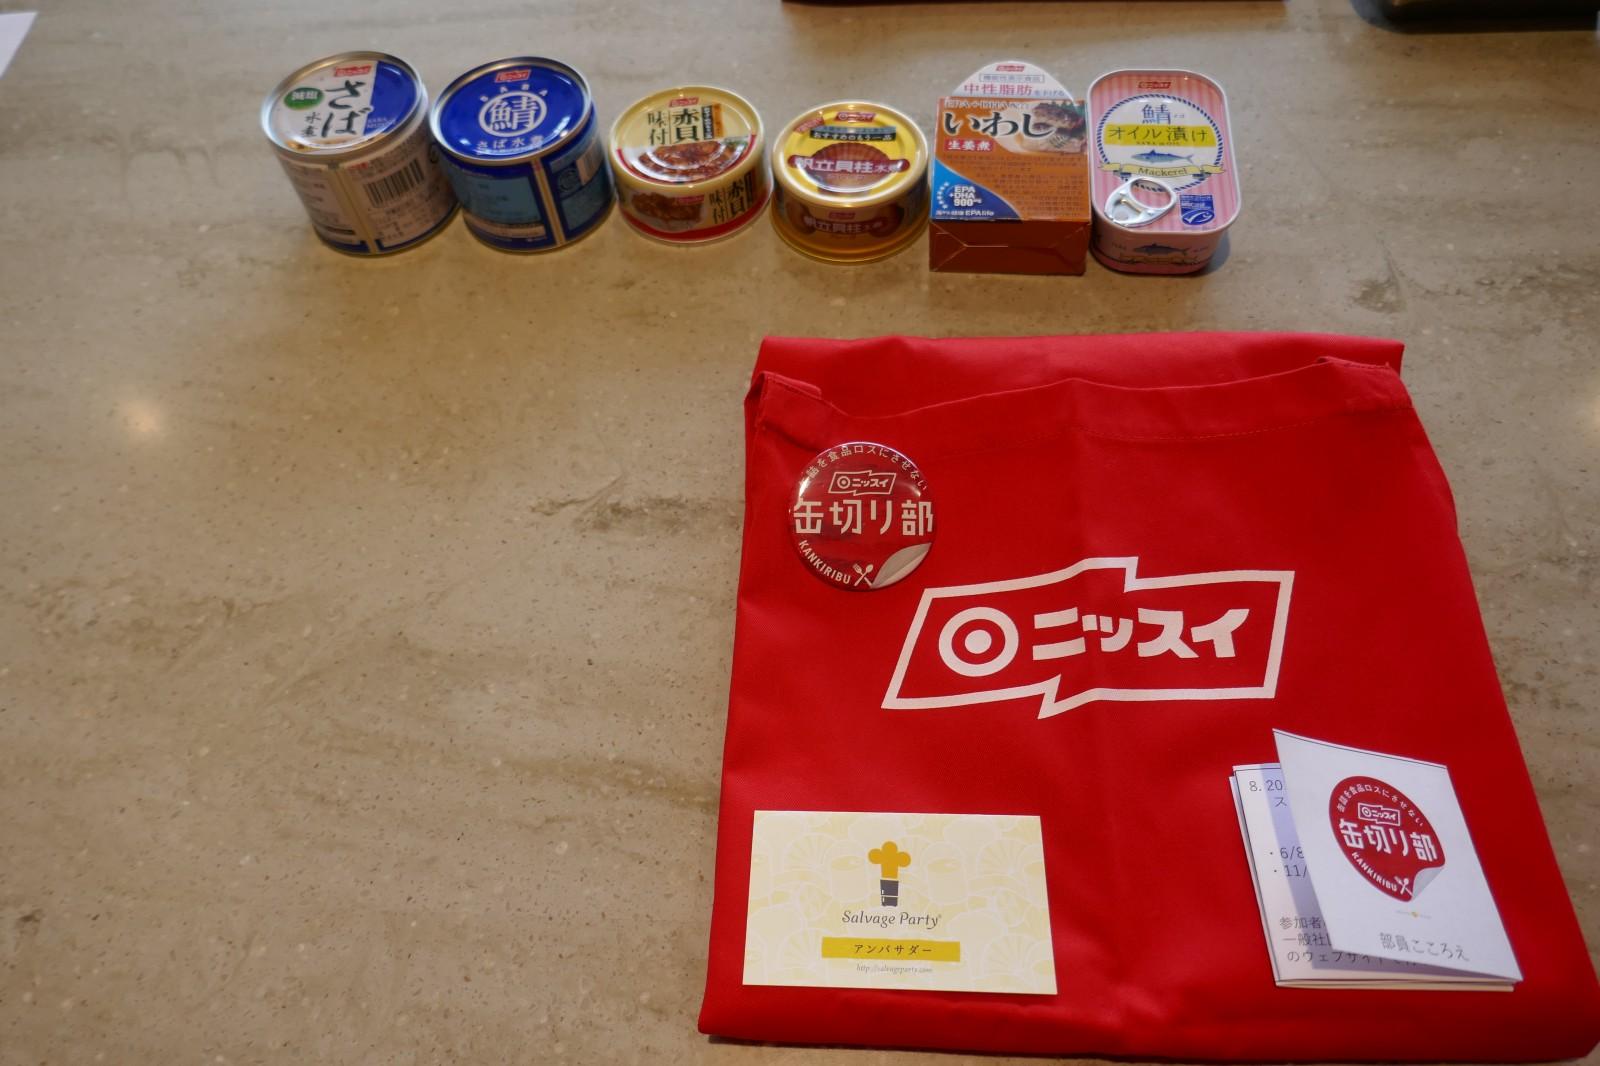 食品ロスを減らそう! 『ニッスイ「缶切り部」』イベント2019